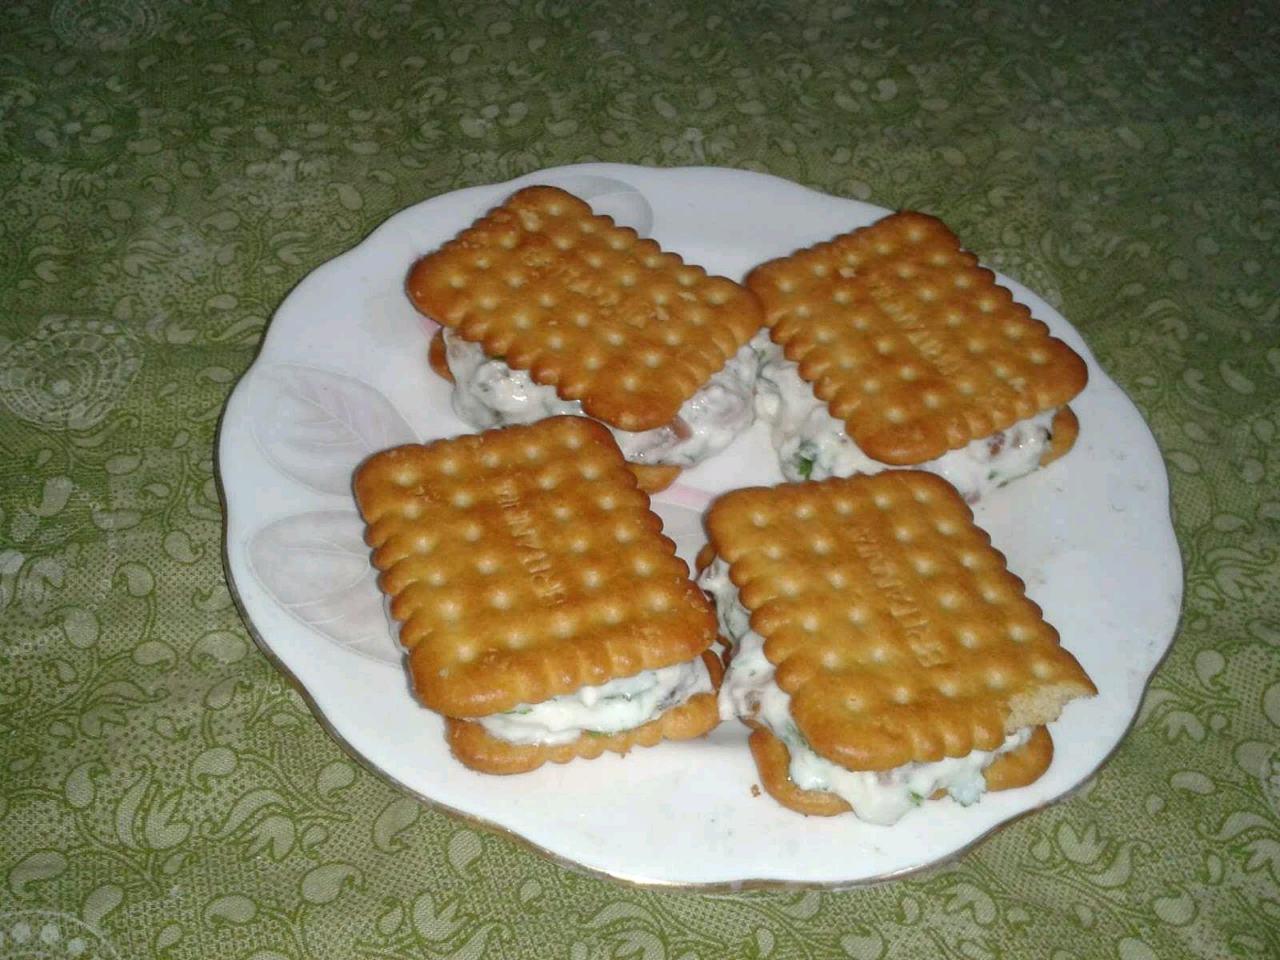 Biscuit Sandwich